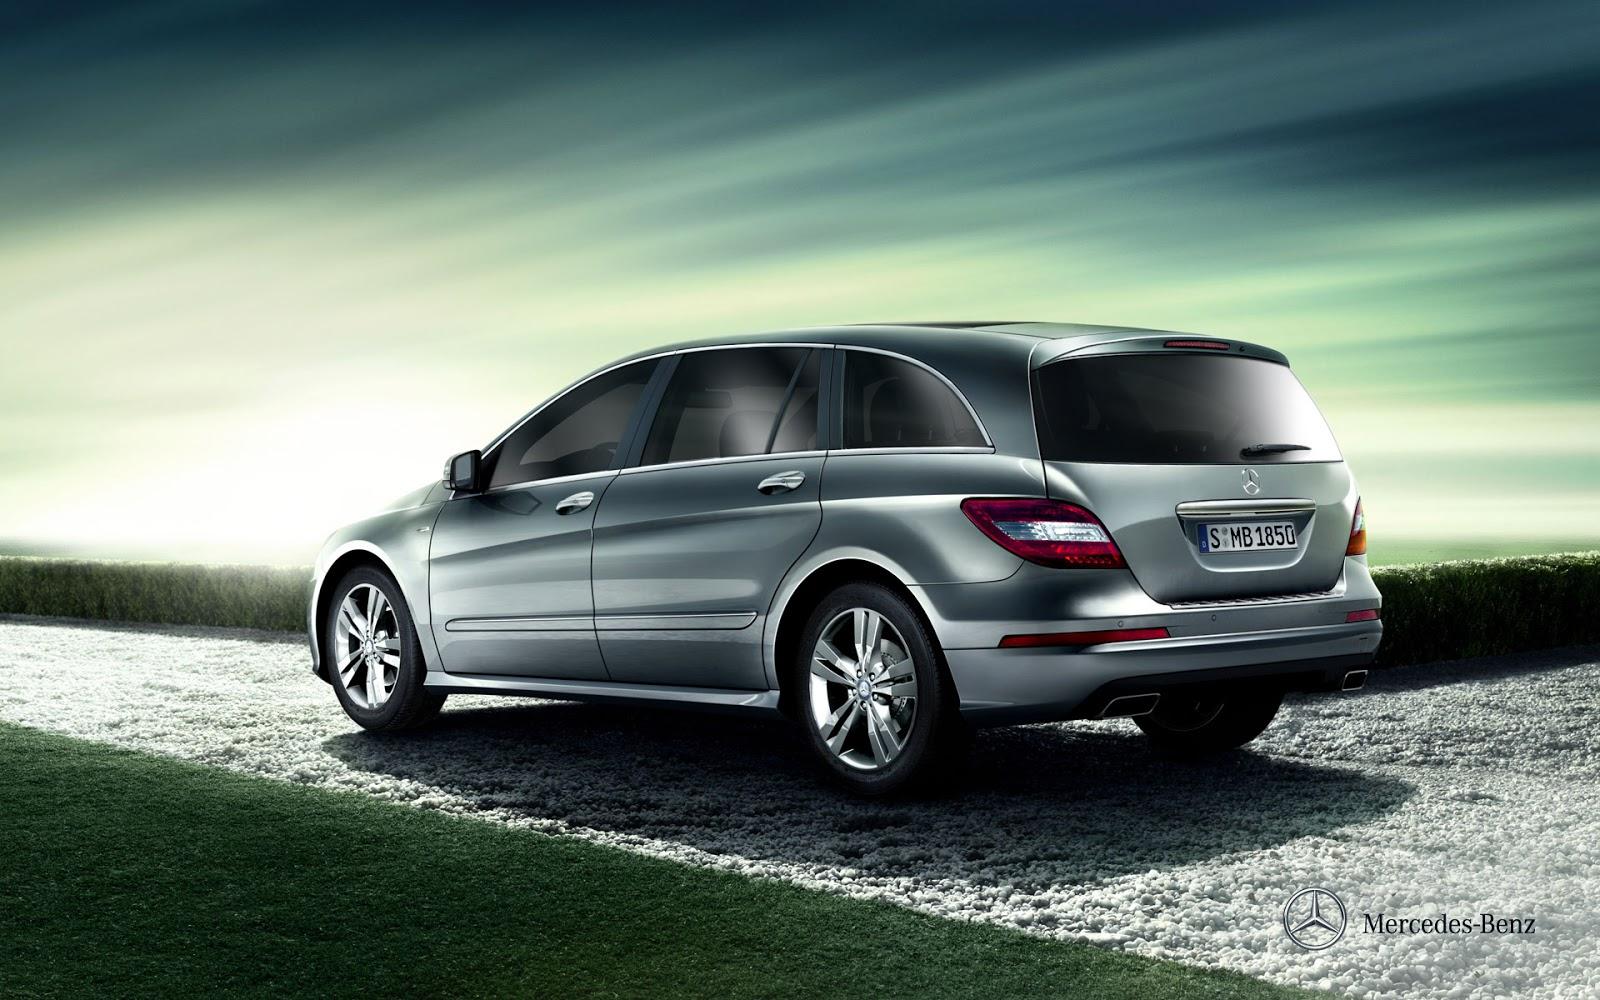 http://4.bp.blogspot.com/-Mujw8mdwBk0/UItuV0AkZDI/AAAAAAAAGJA/dmonzes_HOI/s1600/R-Class-Wagon-Mercedes-Benz-AMG-MUV-Exterior-rear-side-view-silver.jpg